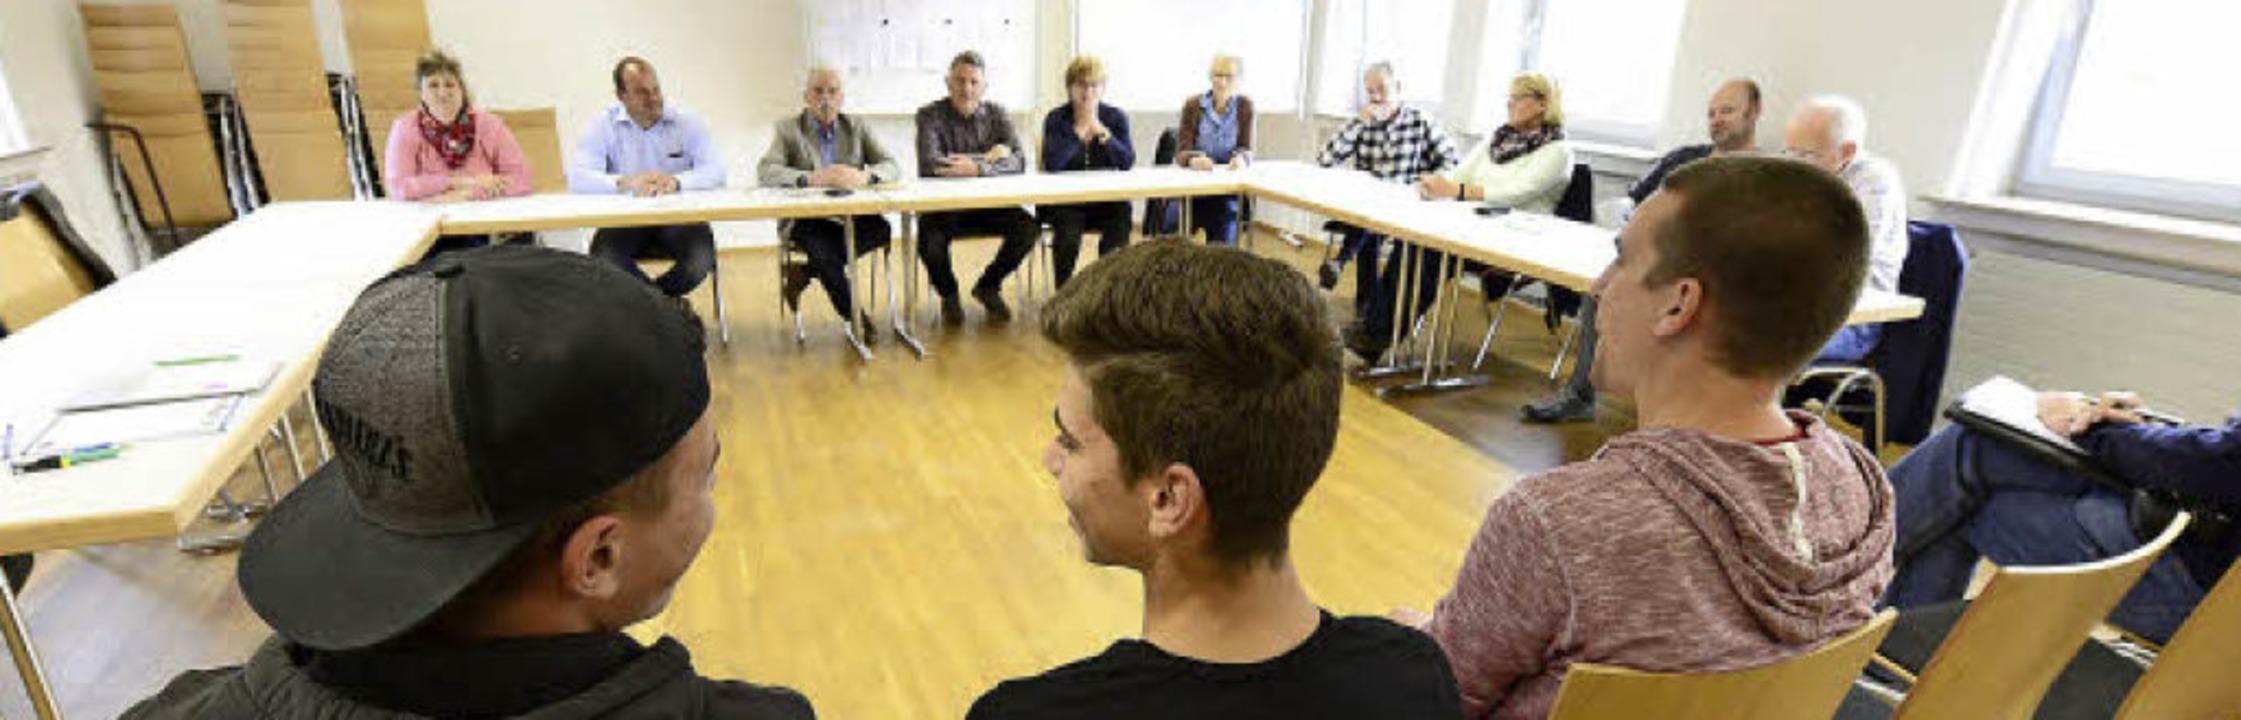 Jugendtreffleiter Sebastian Krämer (re...) und Raoul Tota zur Sitzung gekommen.  | Foto: Ingo Schneider